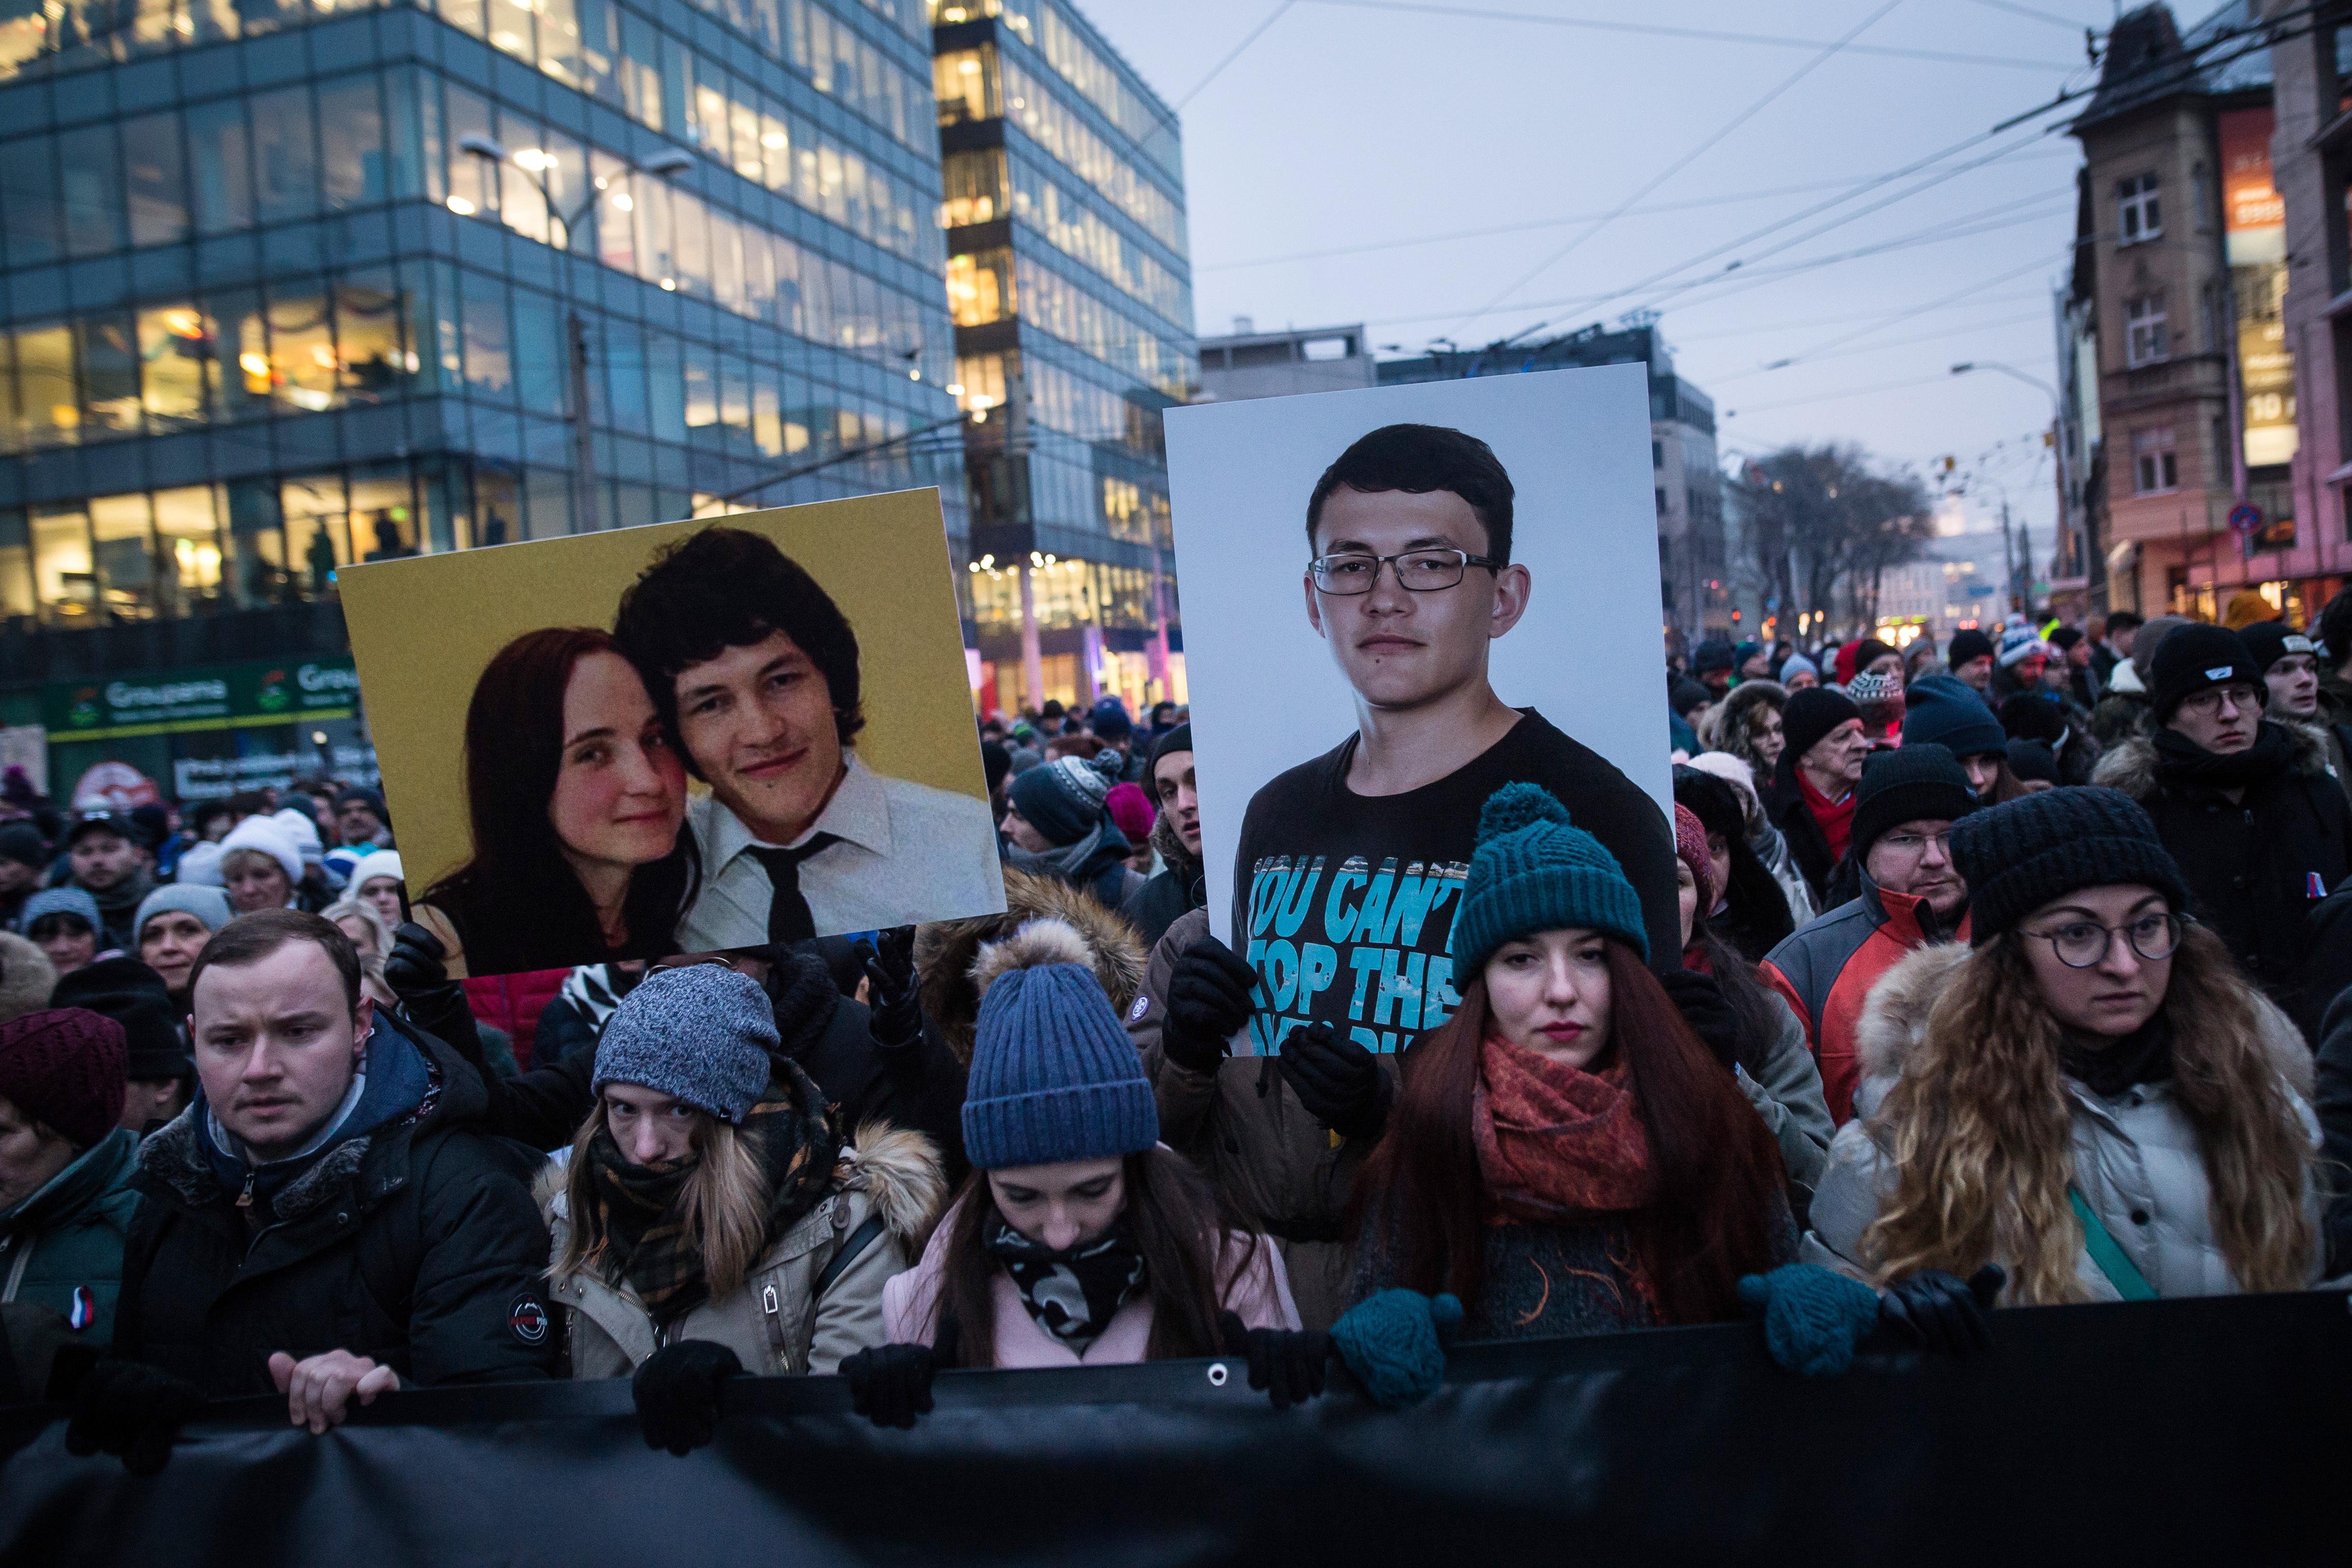 Egy kecskeméti és egy zebegényi férfit is kihallgattak a szlovák újságíró megölése miatt, tőlük származhatott a fegyver